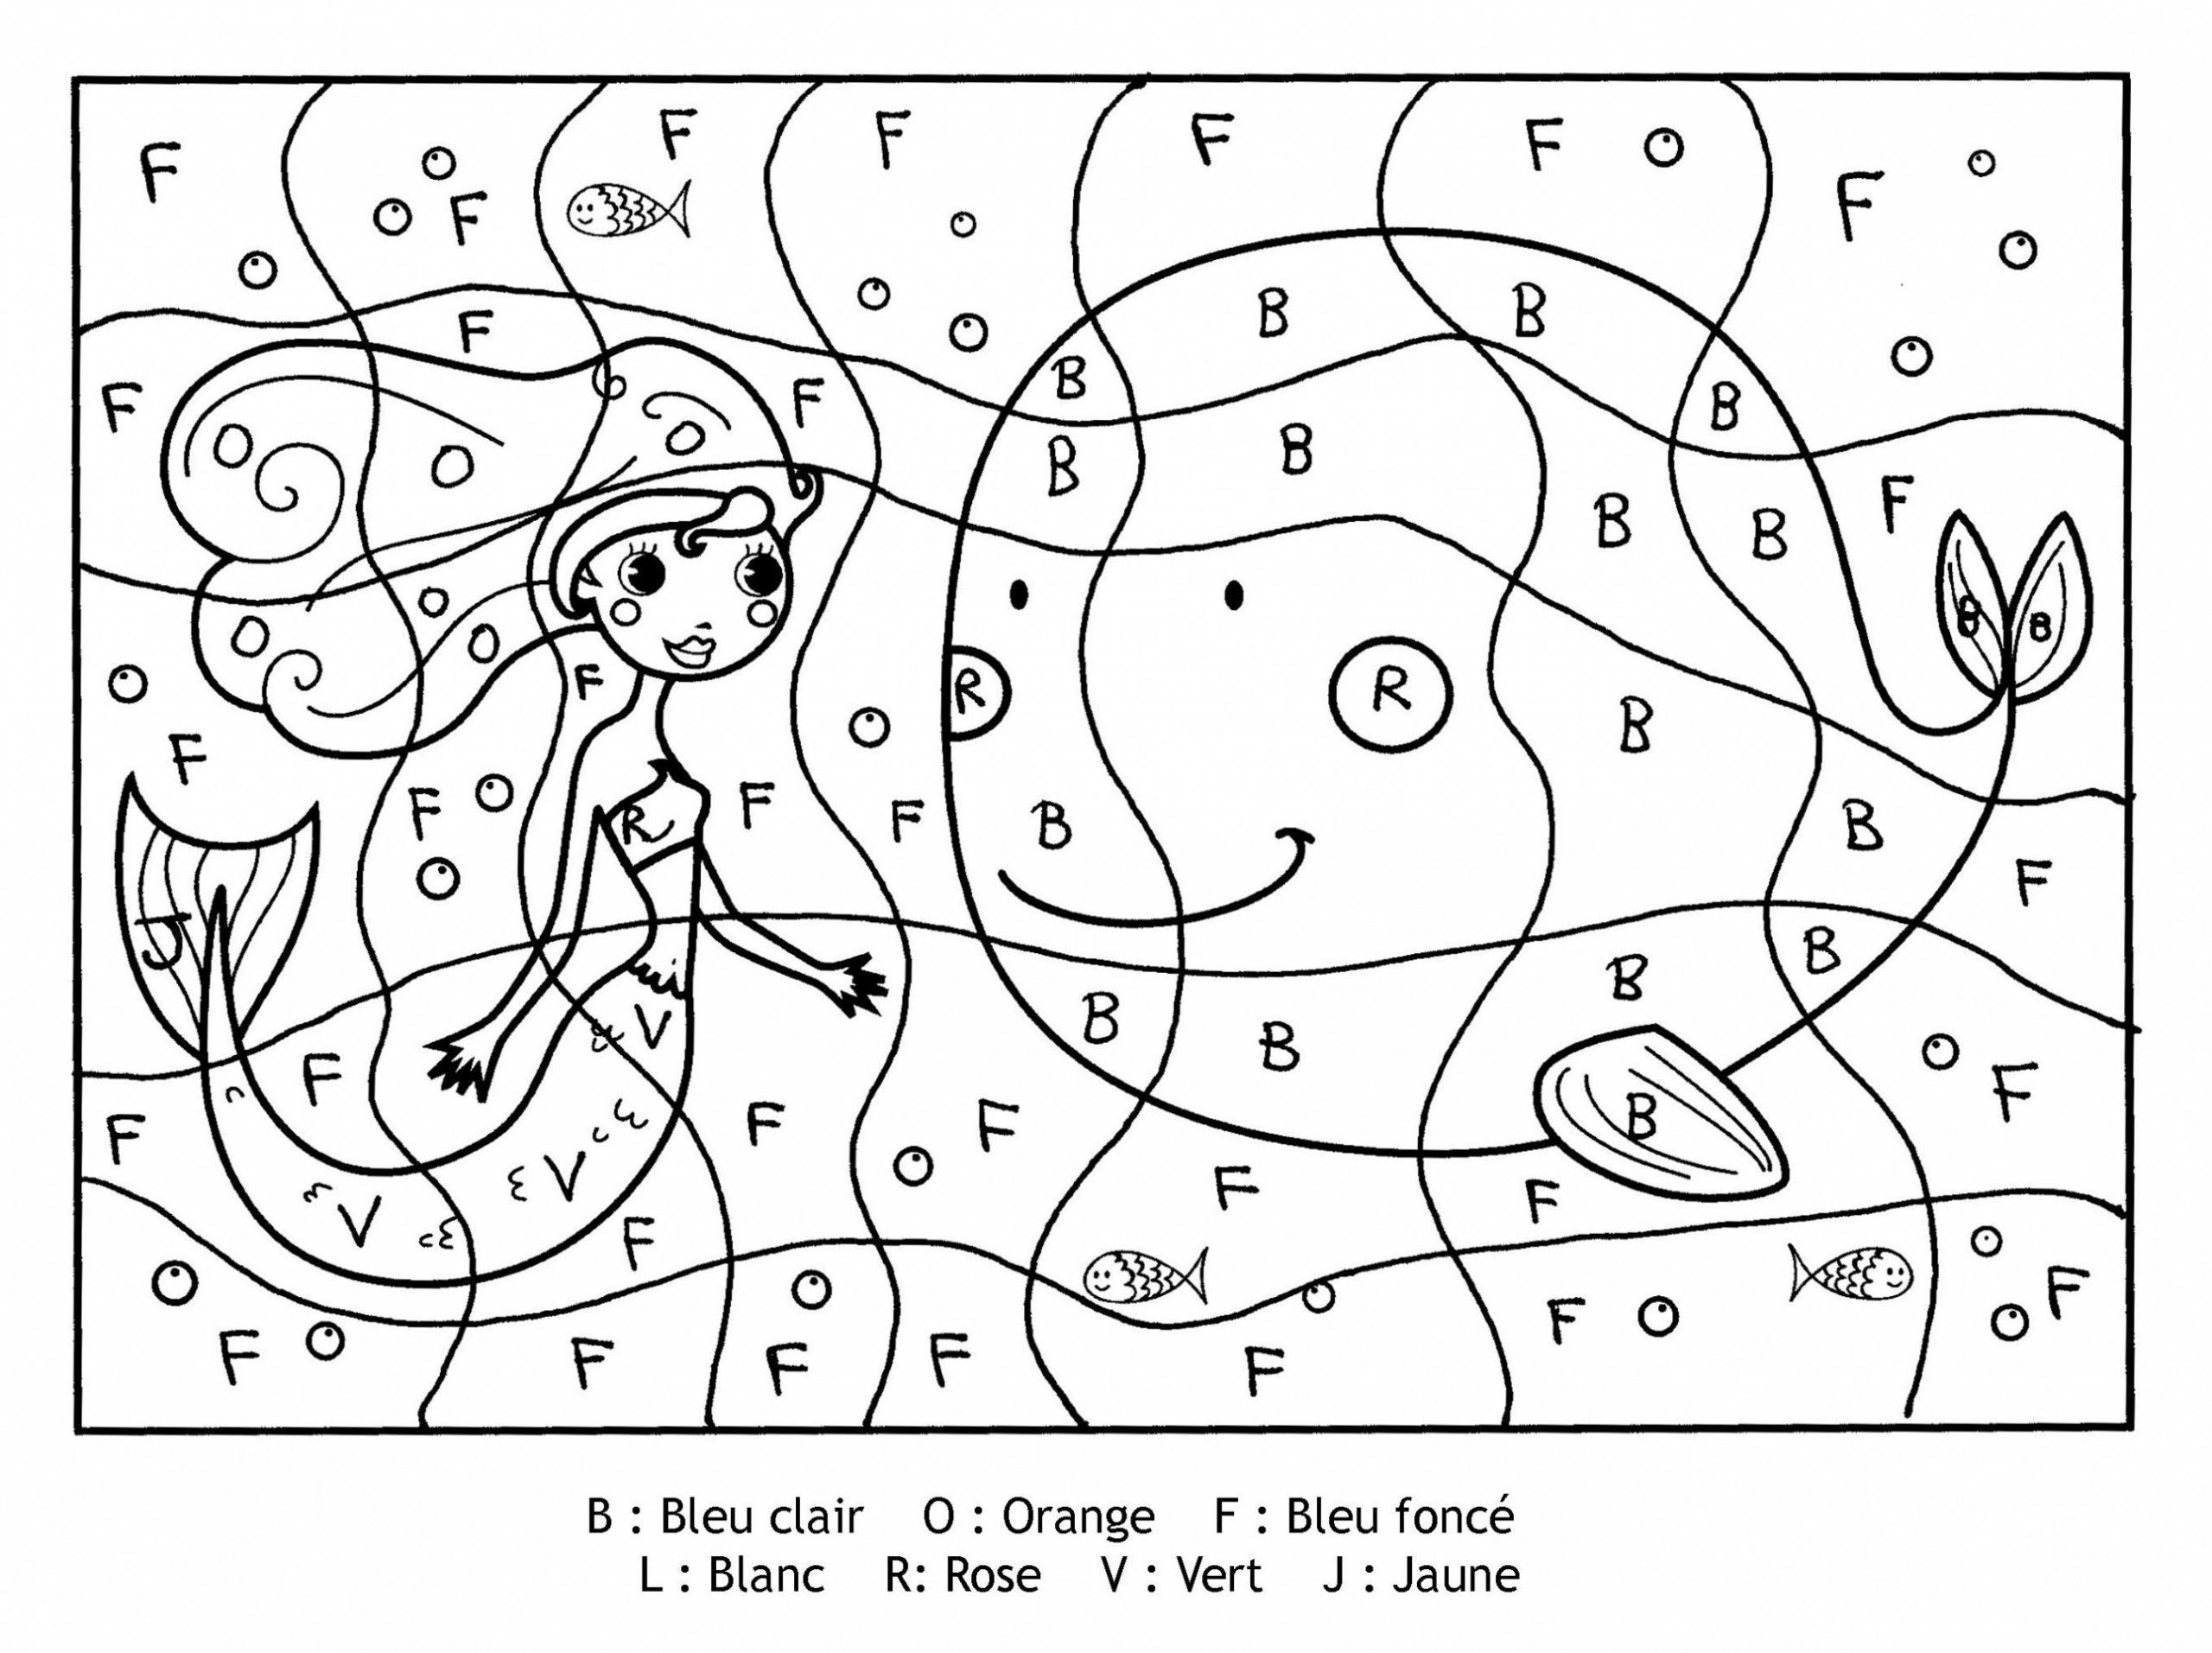 Pour Imprimer Ce Coloriage Gratuit «Coloriage-Magique destiné Coloriage Moyenne Section À Imprimer